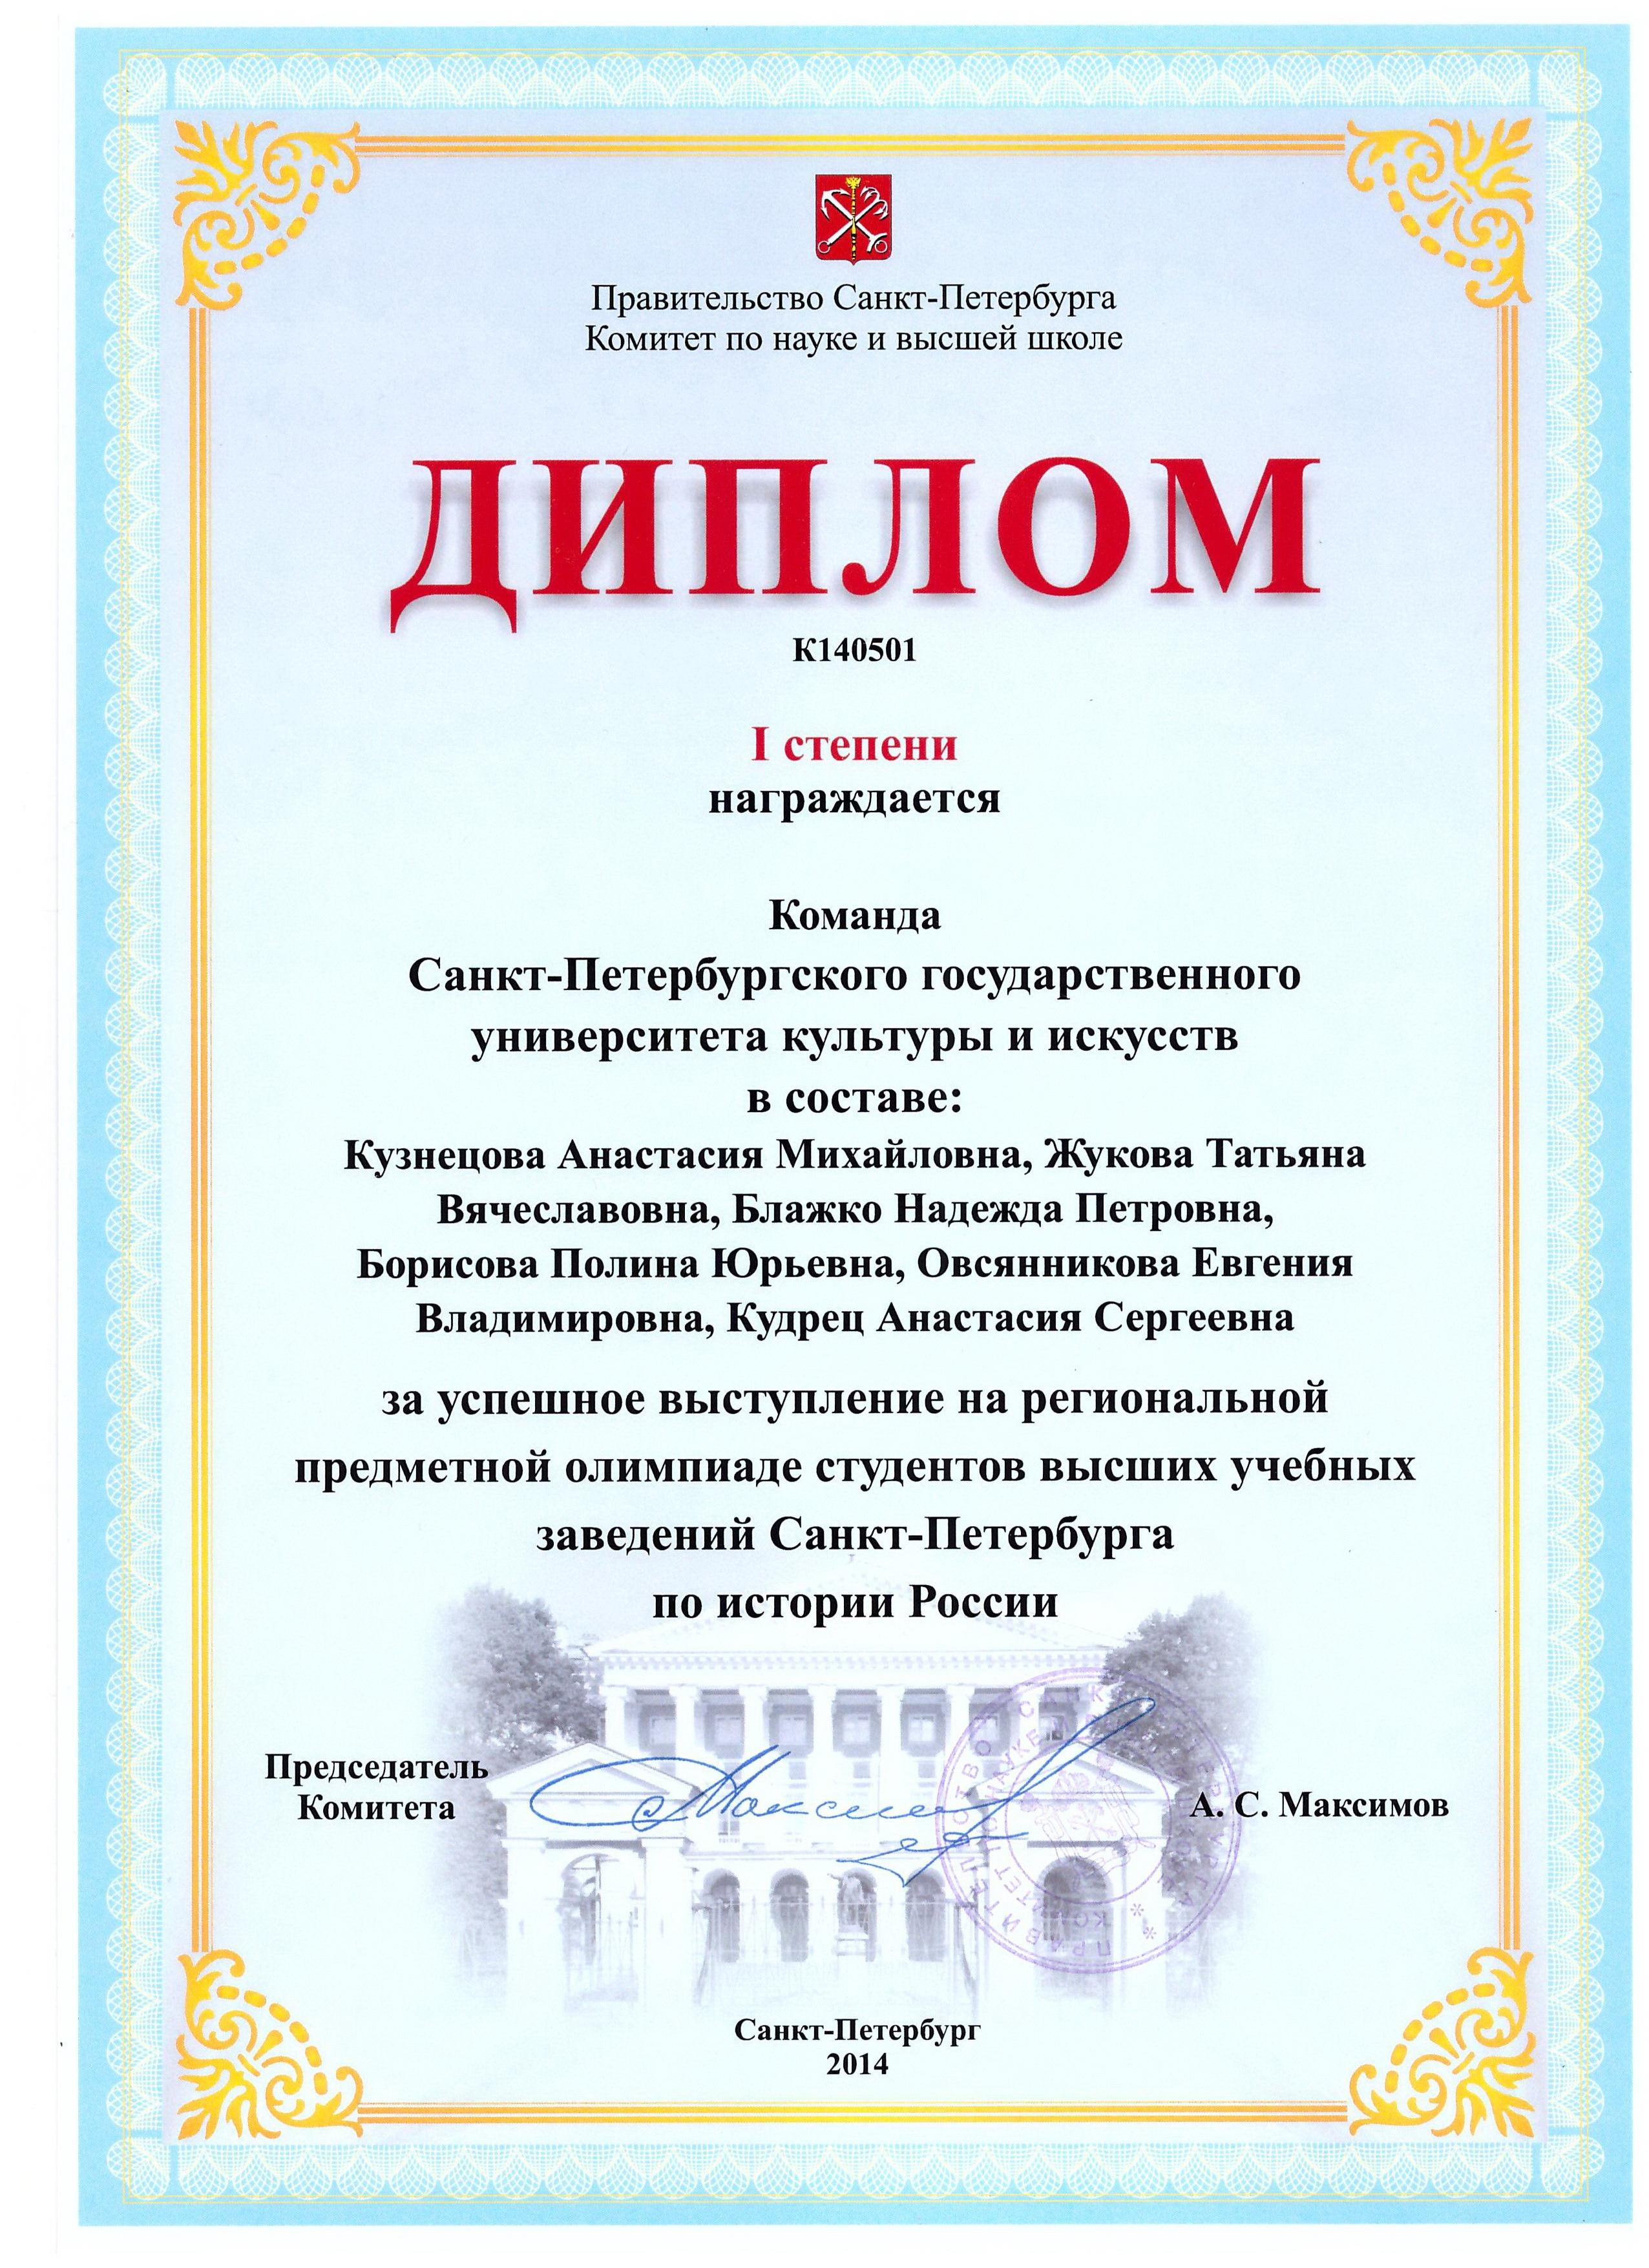 Региональная олимпиада по предметам История России и  olimpiada jukova diplom k da diplom jukova